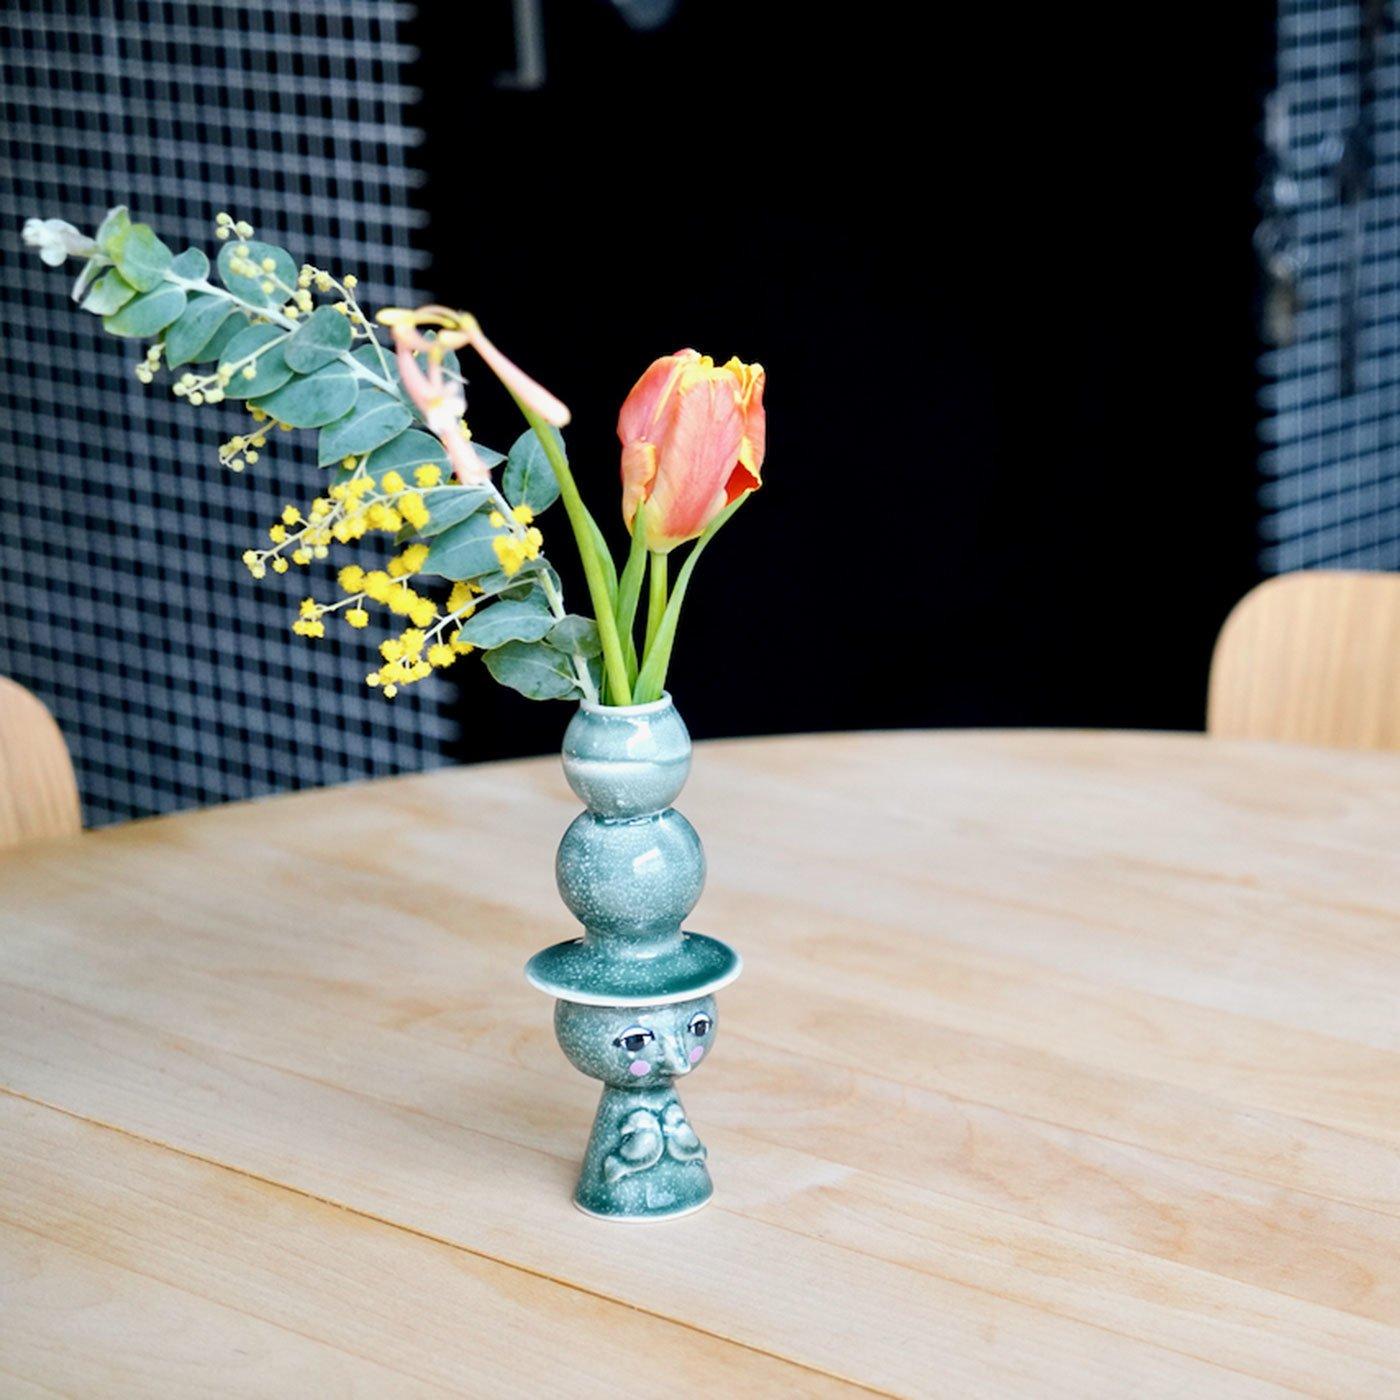 おしゃれに飾りつける楽しみ フラワーベース THE SEASONS〈春〉/ビヨン・ヴィンブラッド